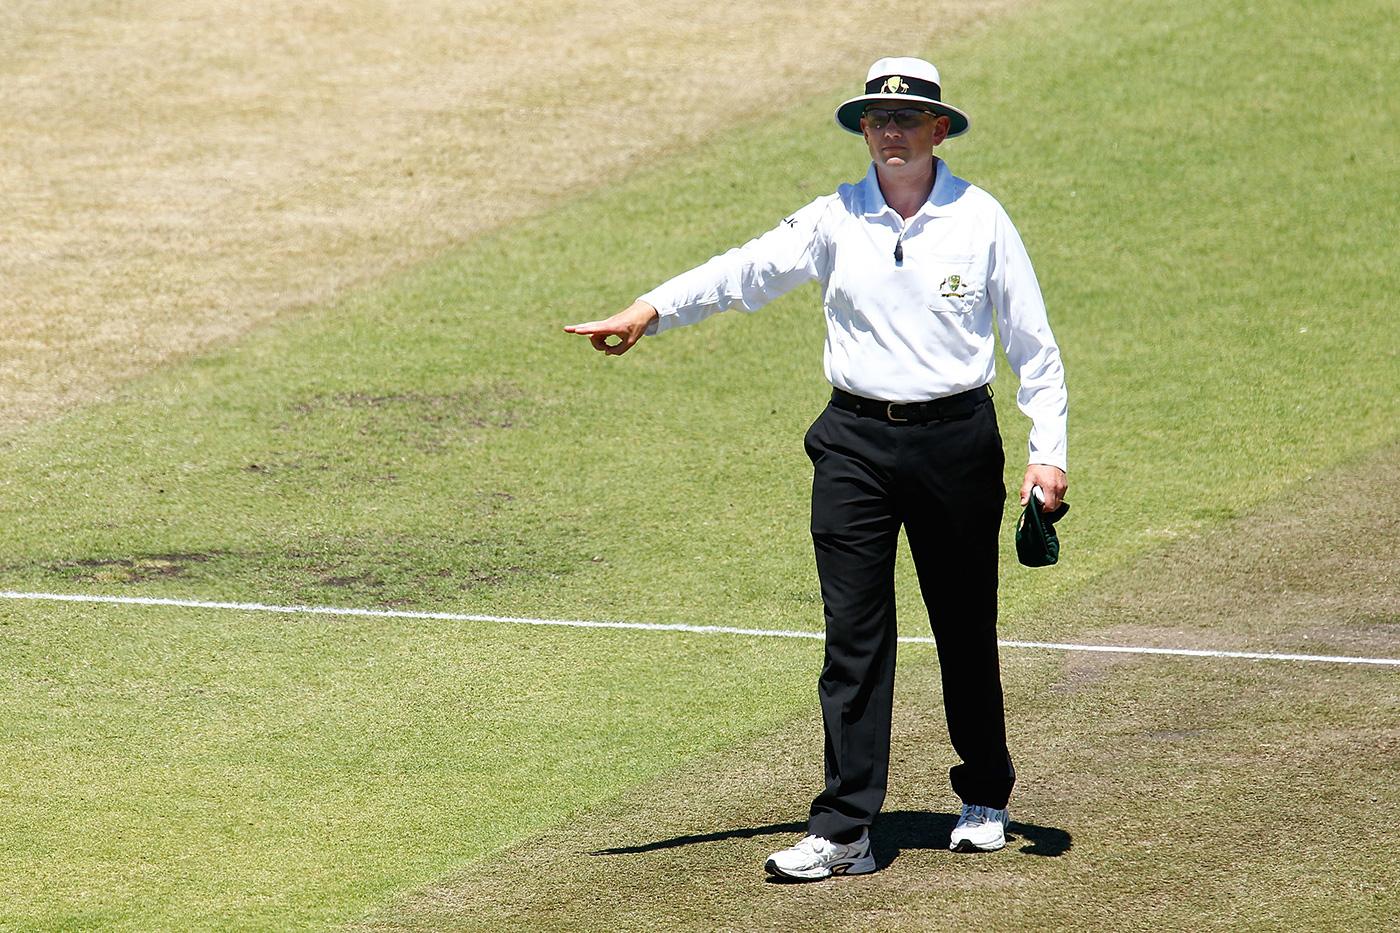 Umpire Sam Nogajski signals a four